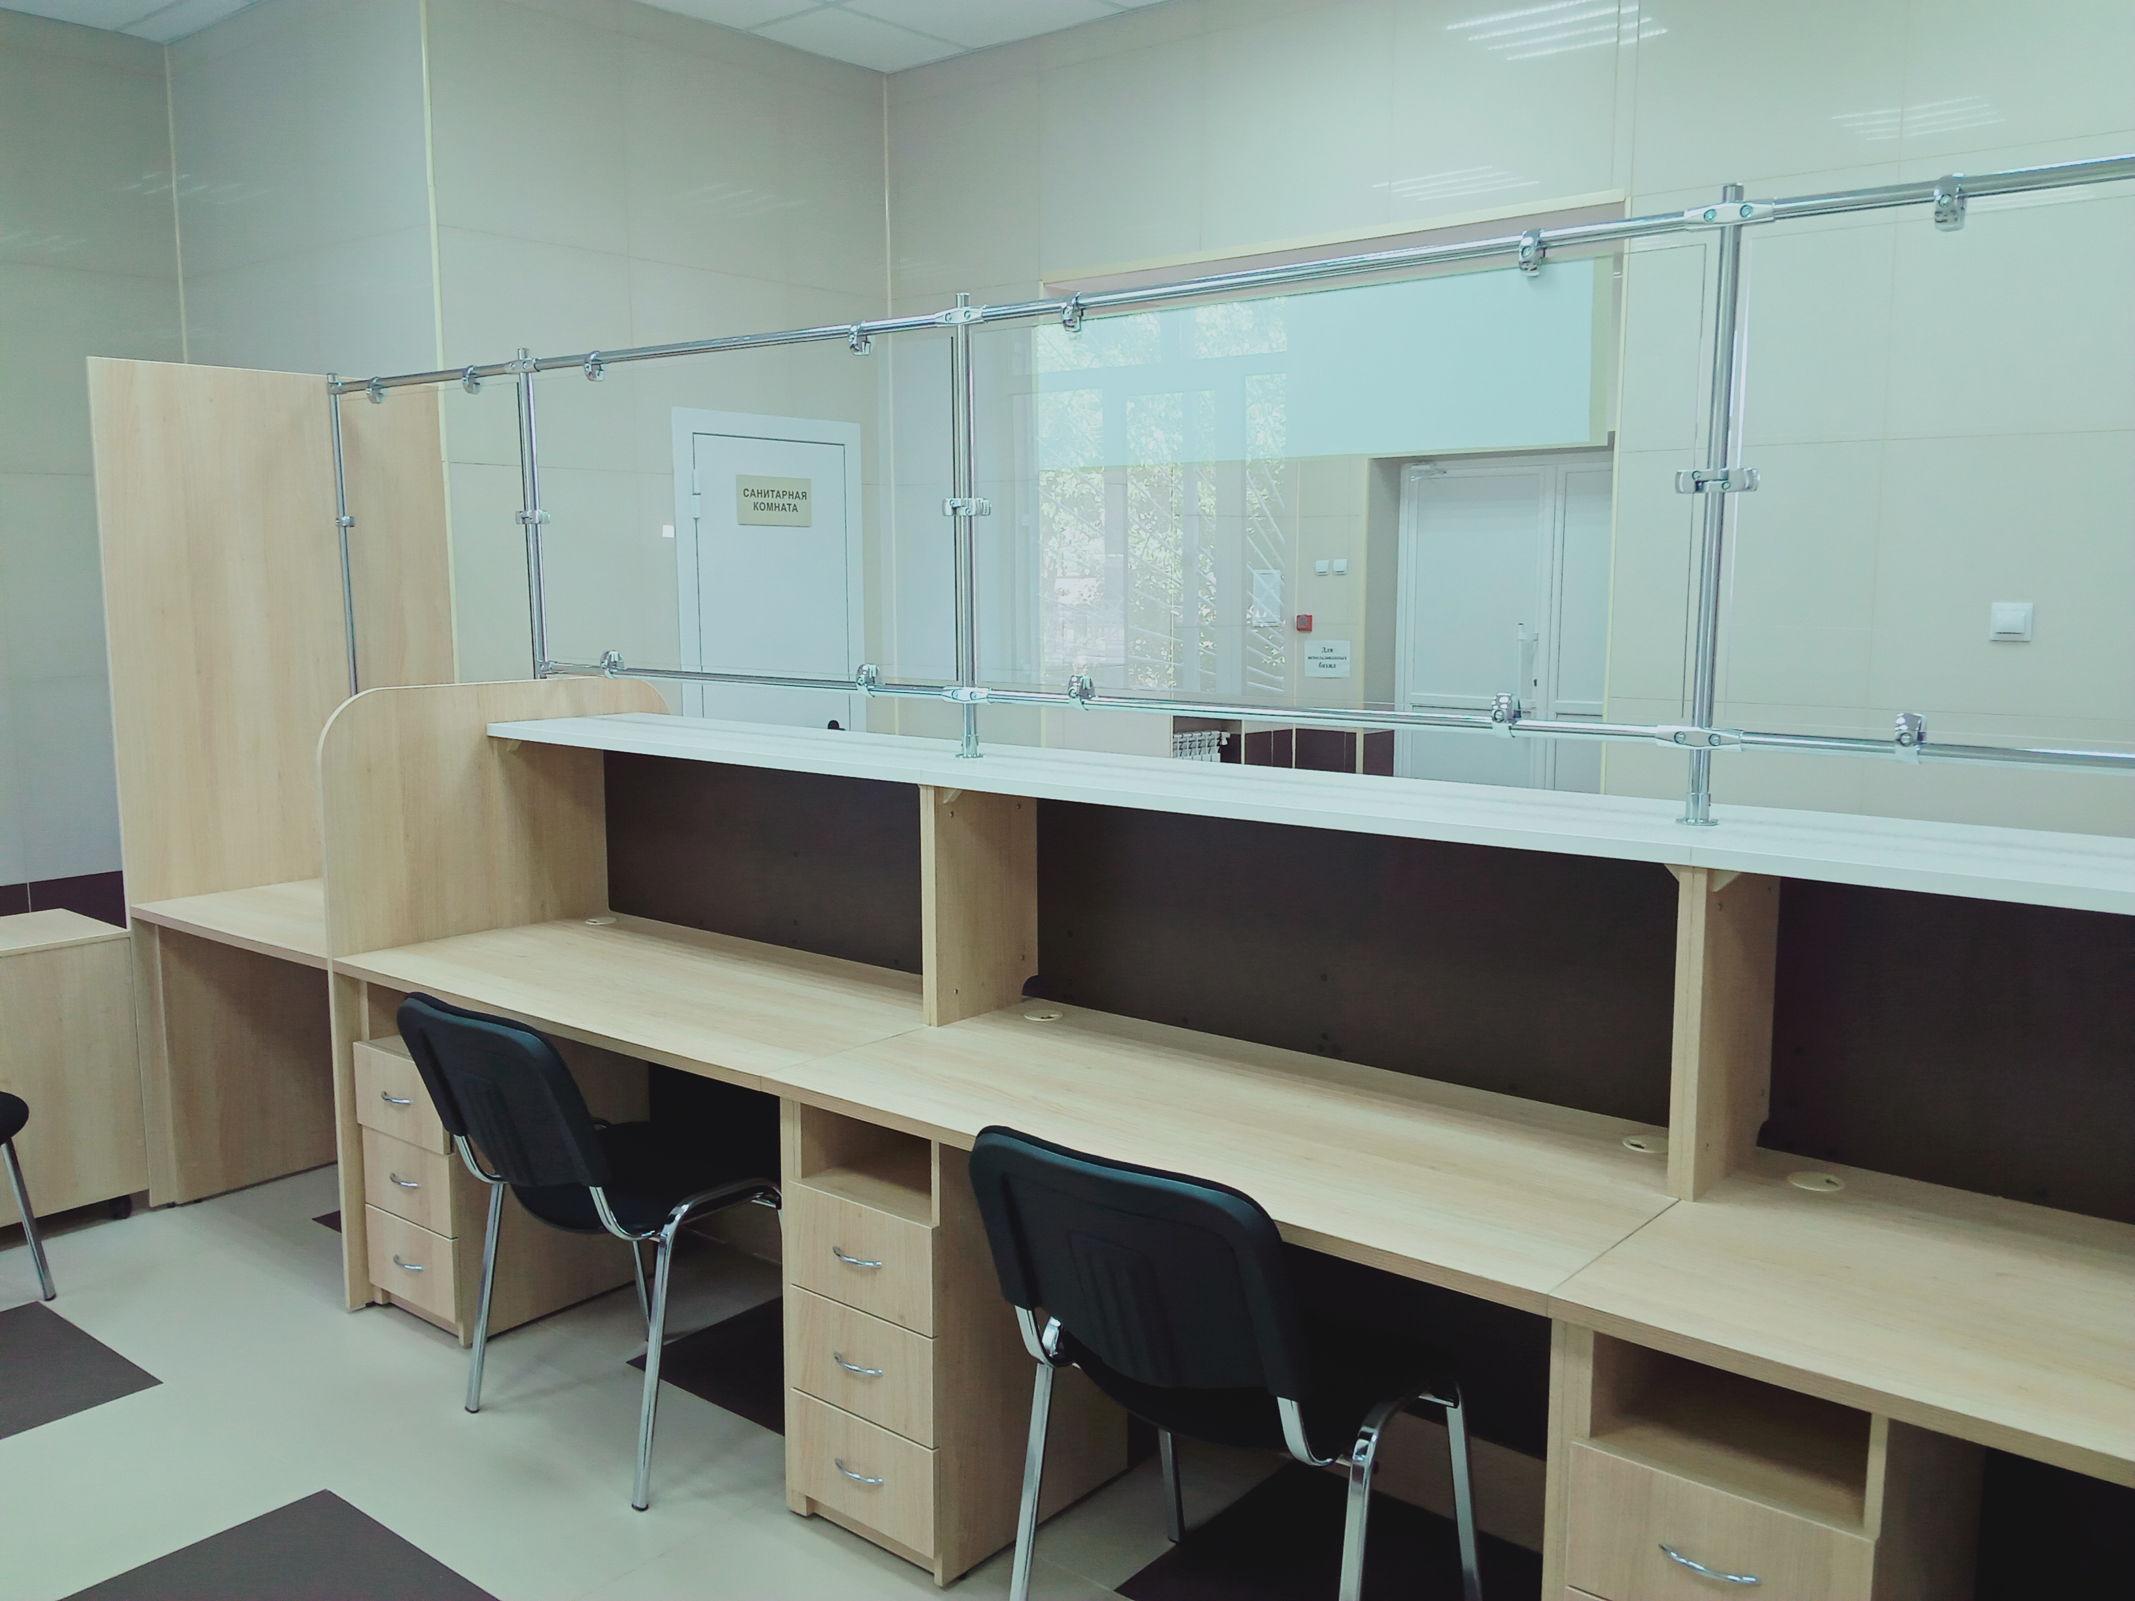 Новая зона регистратуры открывается в поликлинике больницы №9 в Ярославле